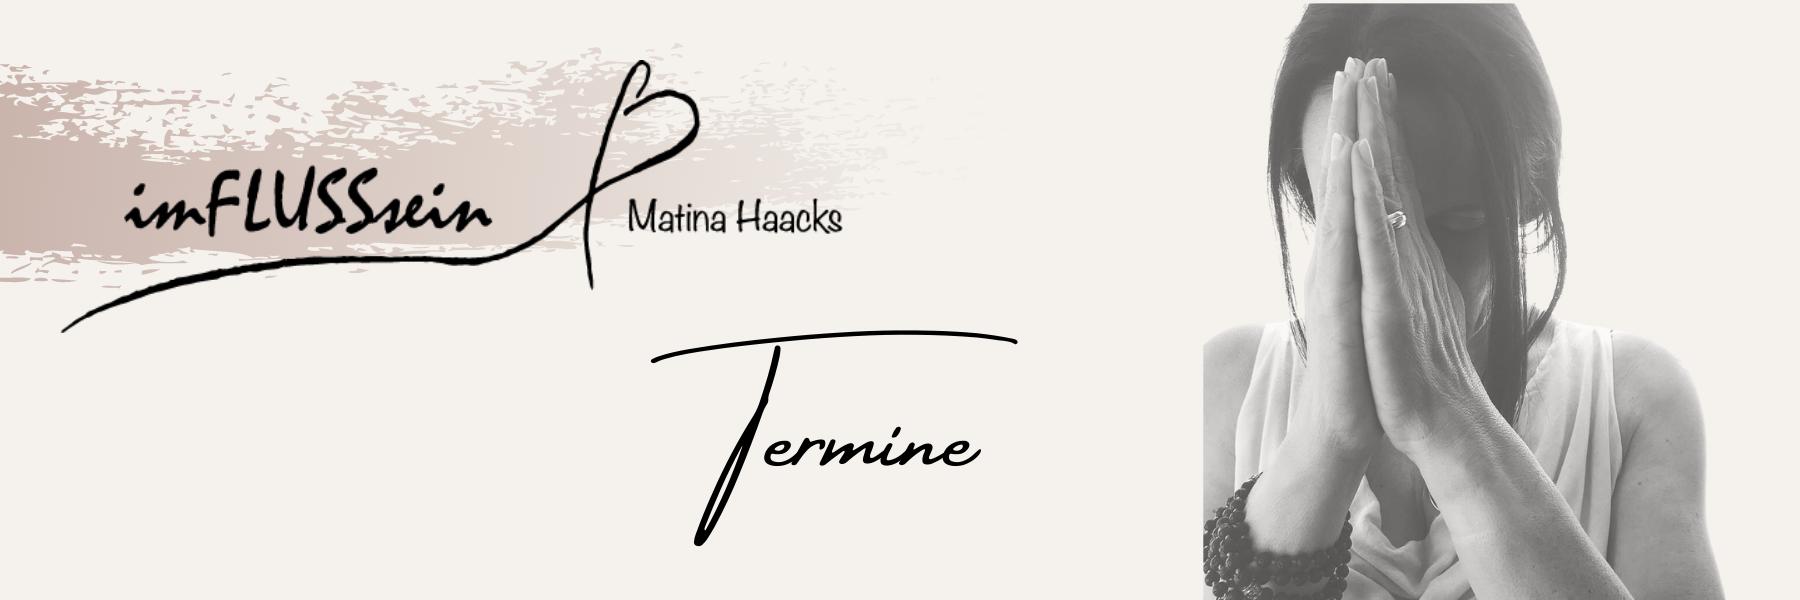 Matina Haacks Entspannungspädagogin und Gründerin von imFLUSSsein - Mehr Entspannung, weniger Stress.